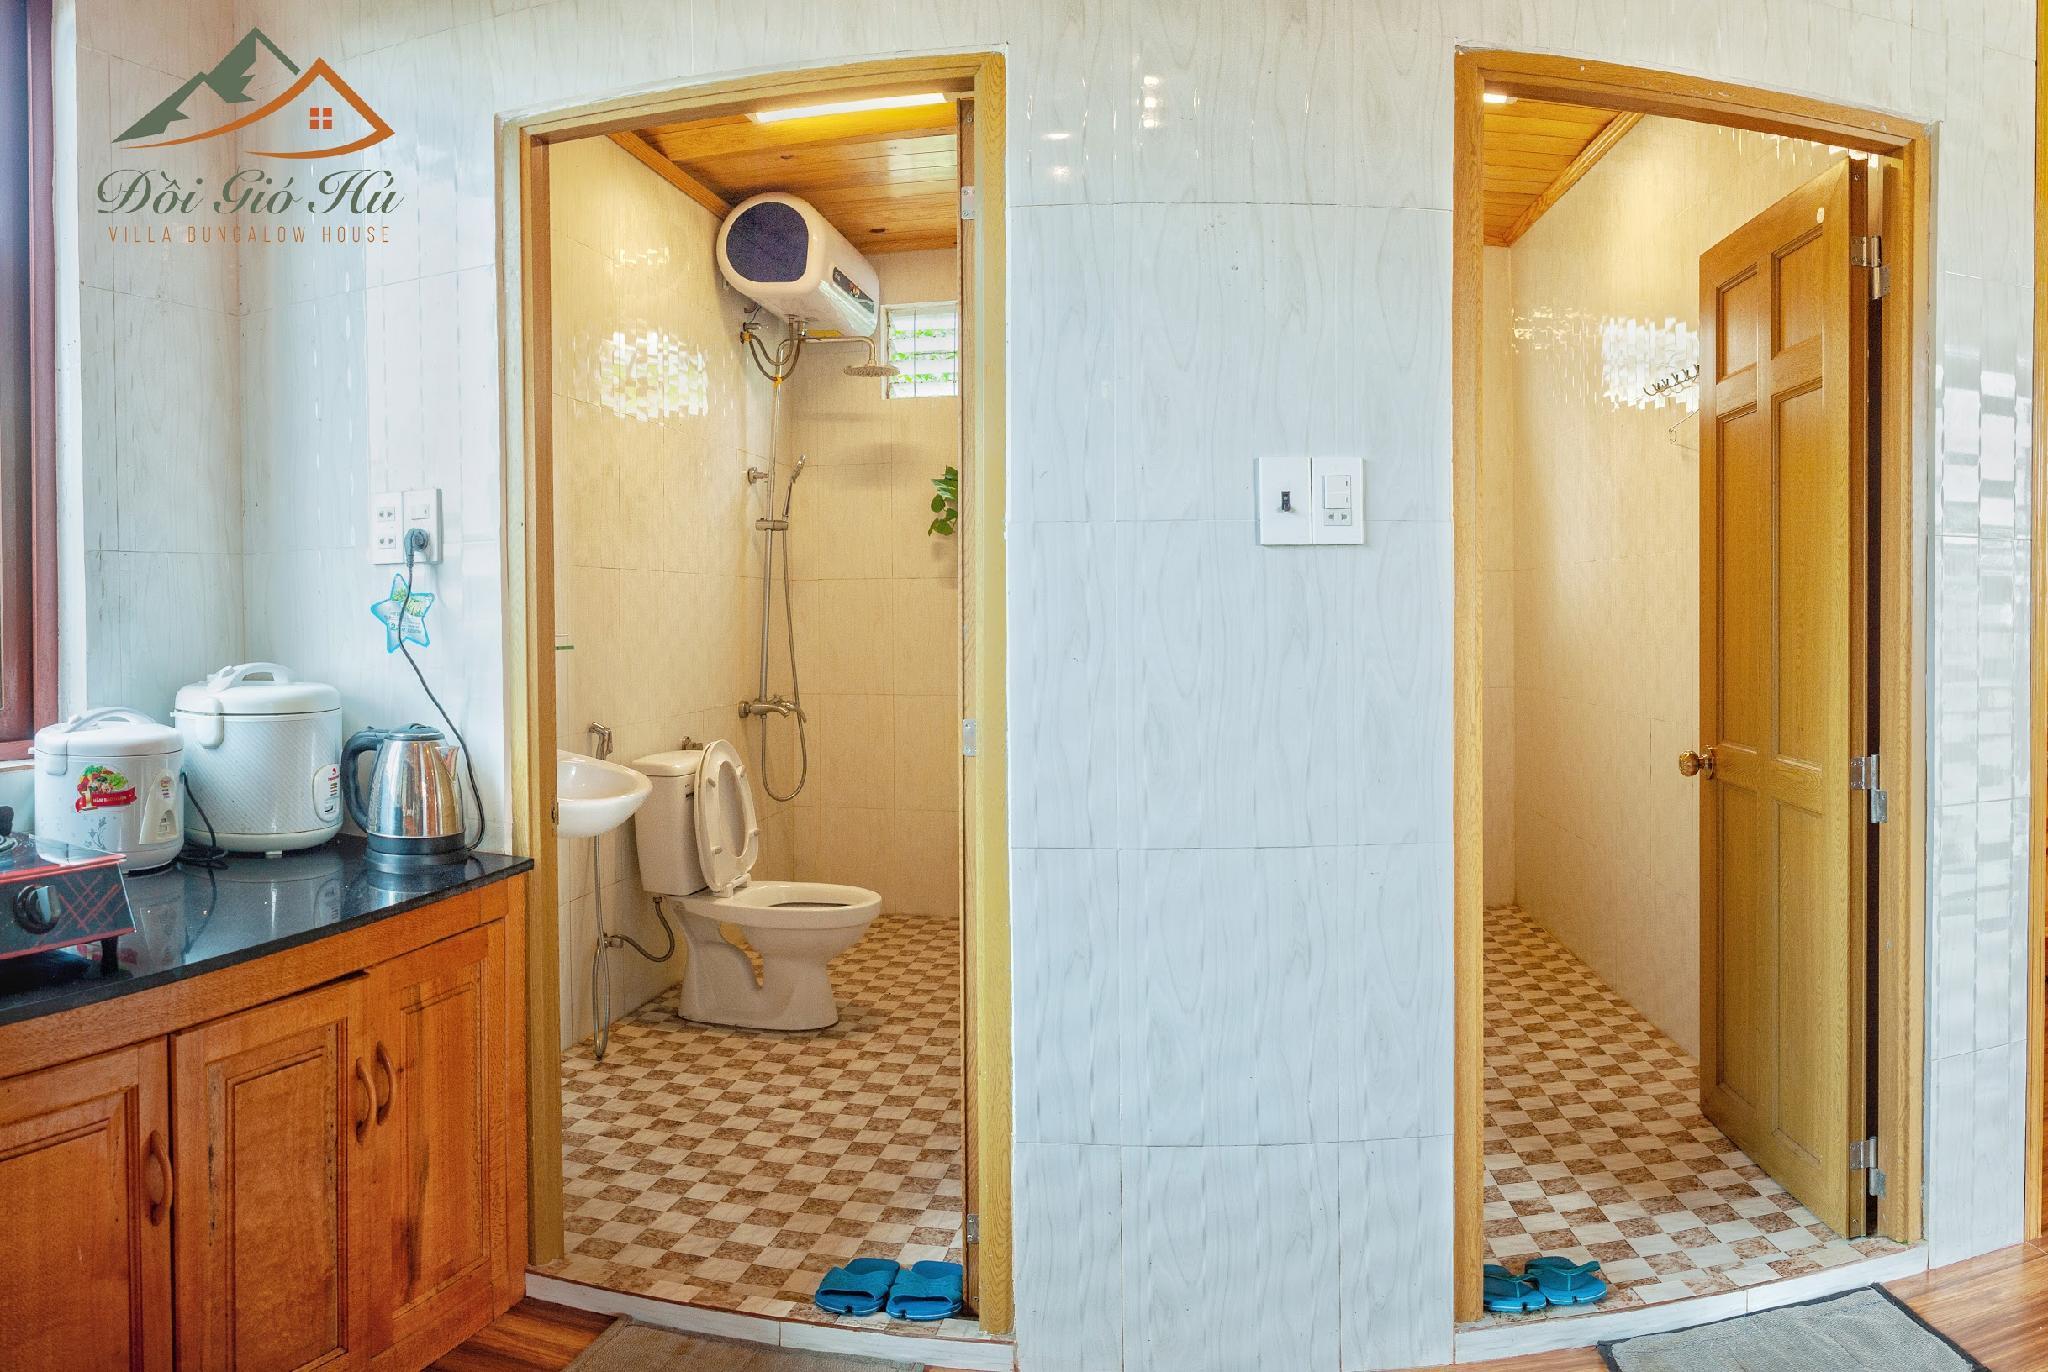 Villa DoiGioHu  8 Rooms  View Hill   Center Da Lat